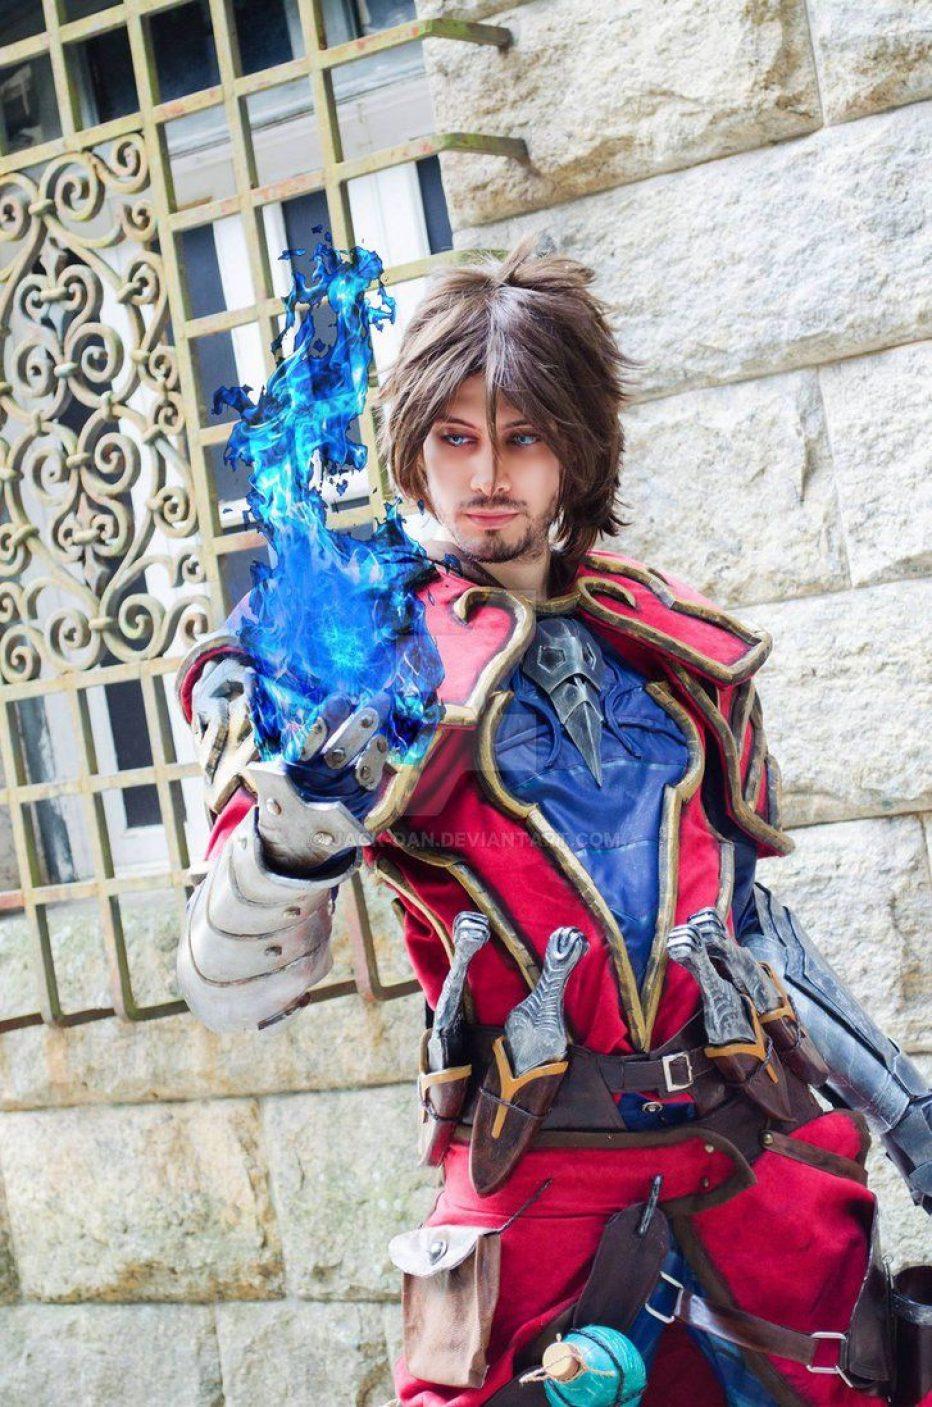 Castlevania-Gabriel-Belmont-Cosplay-Gamers-Heroes-1.jpg